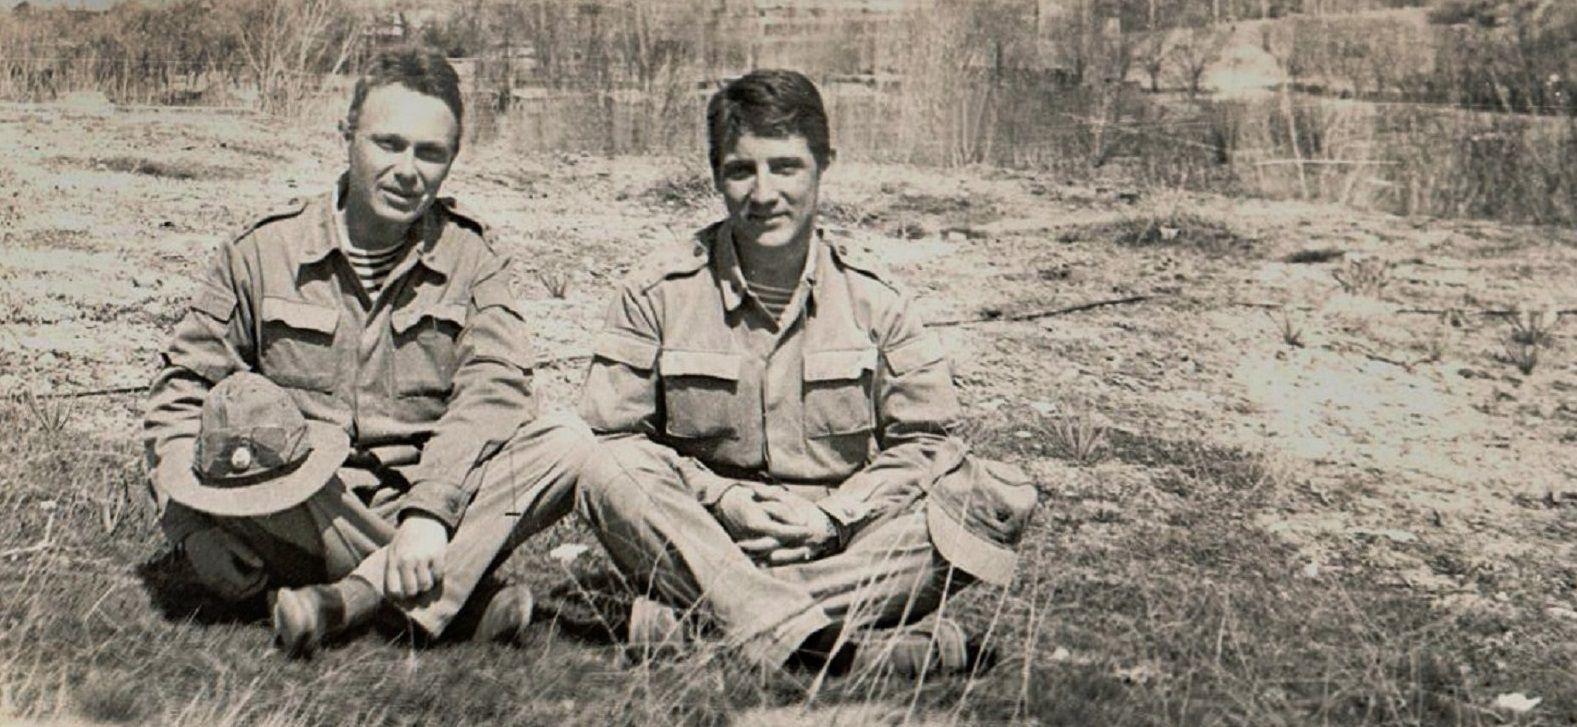 День памяти о воинах-интернационалистах: история одного солдата